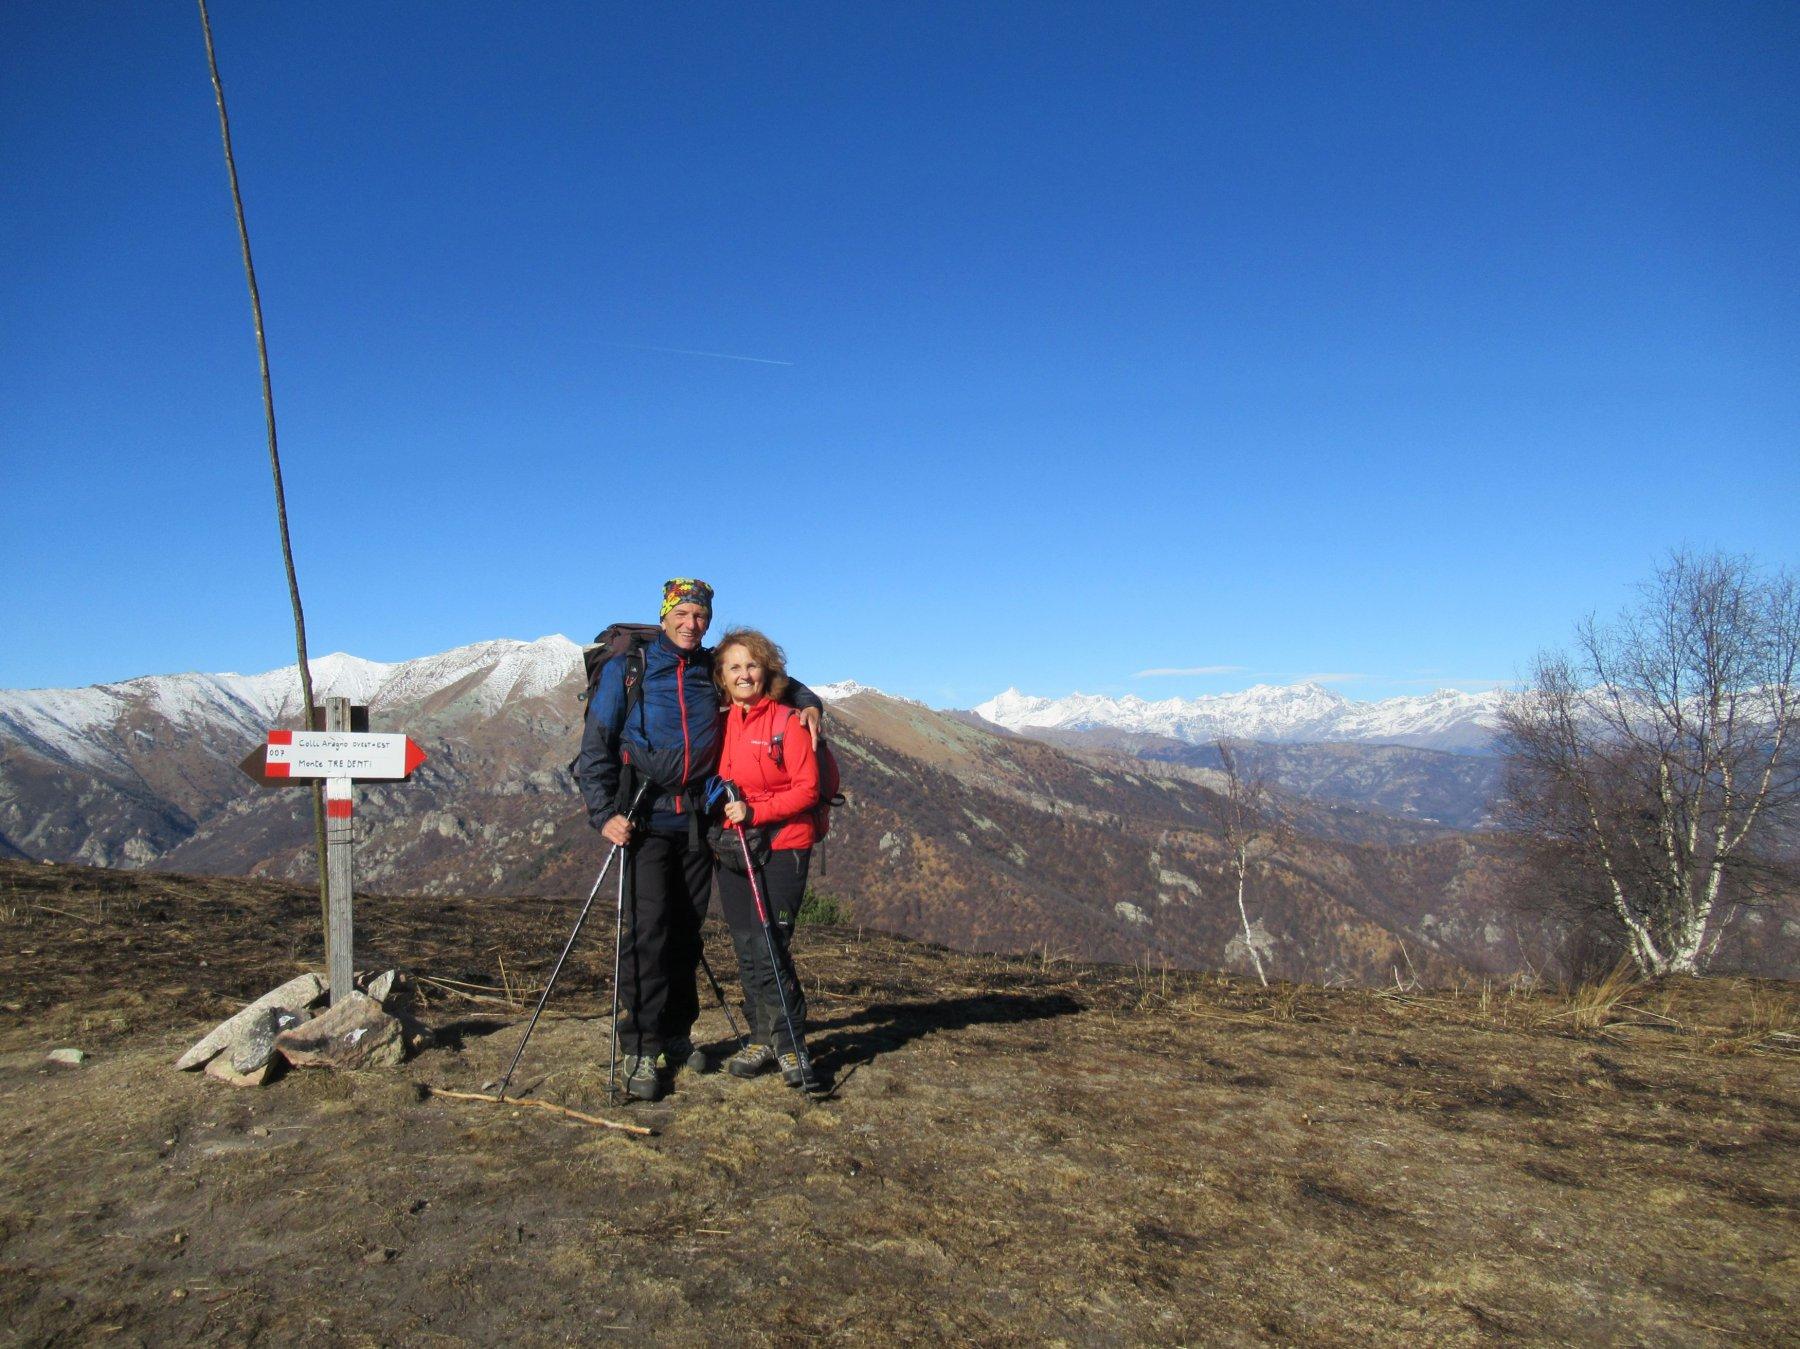 Con mia moglie al Freidour